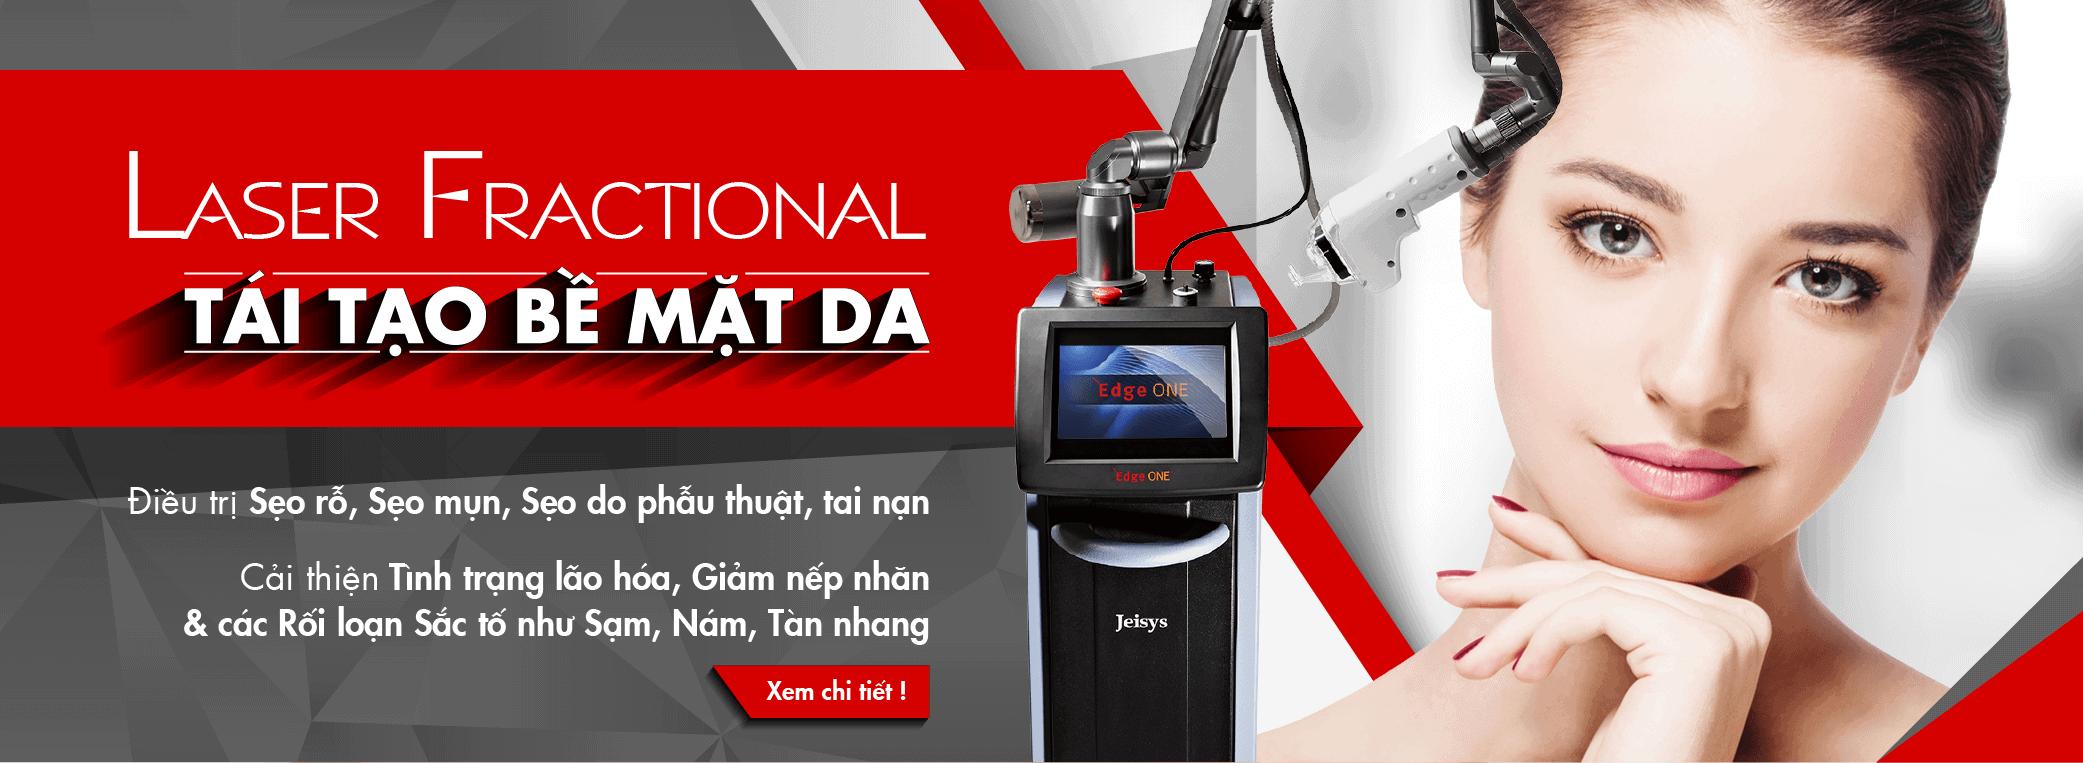 https://medcare.com.vn/tai-tao-be-mat-da/